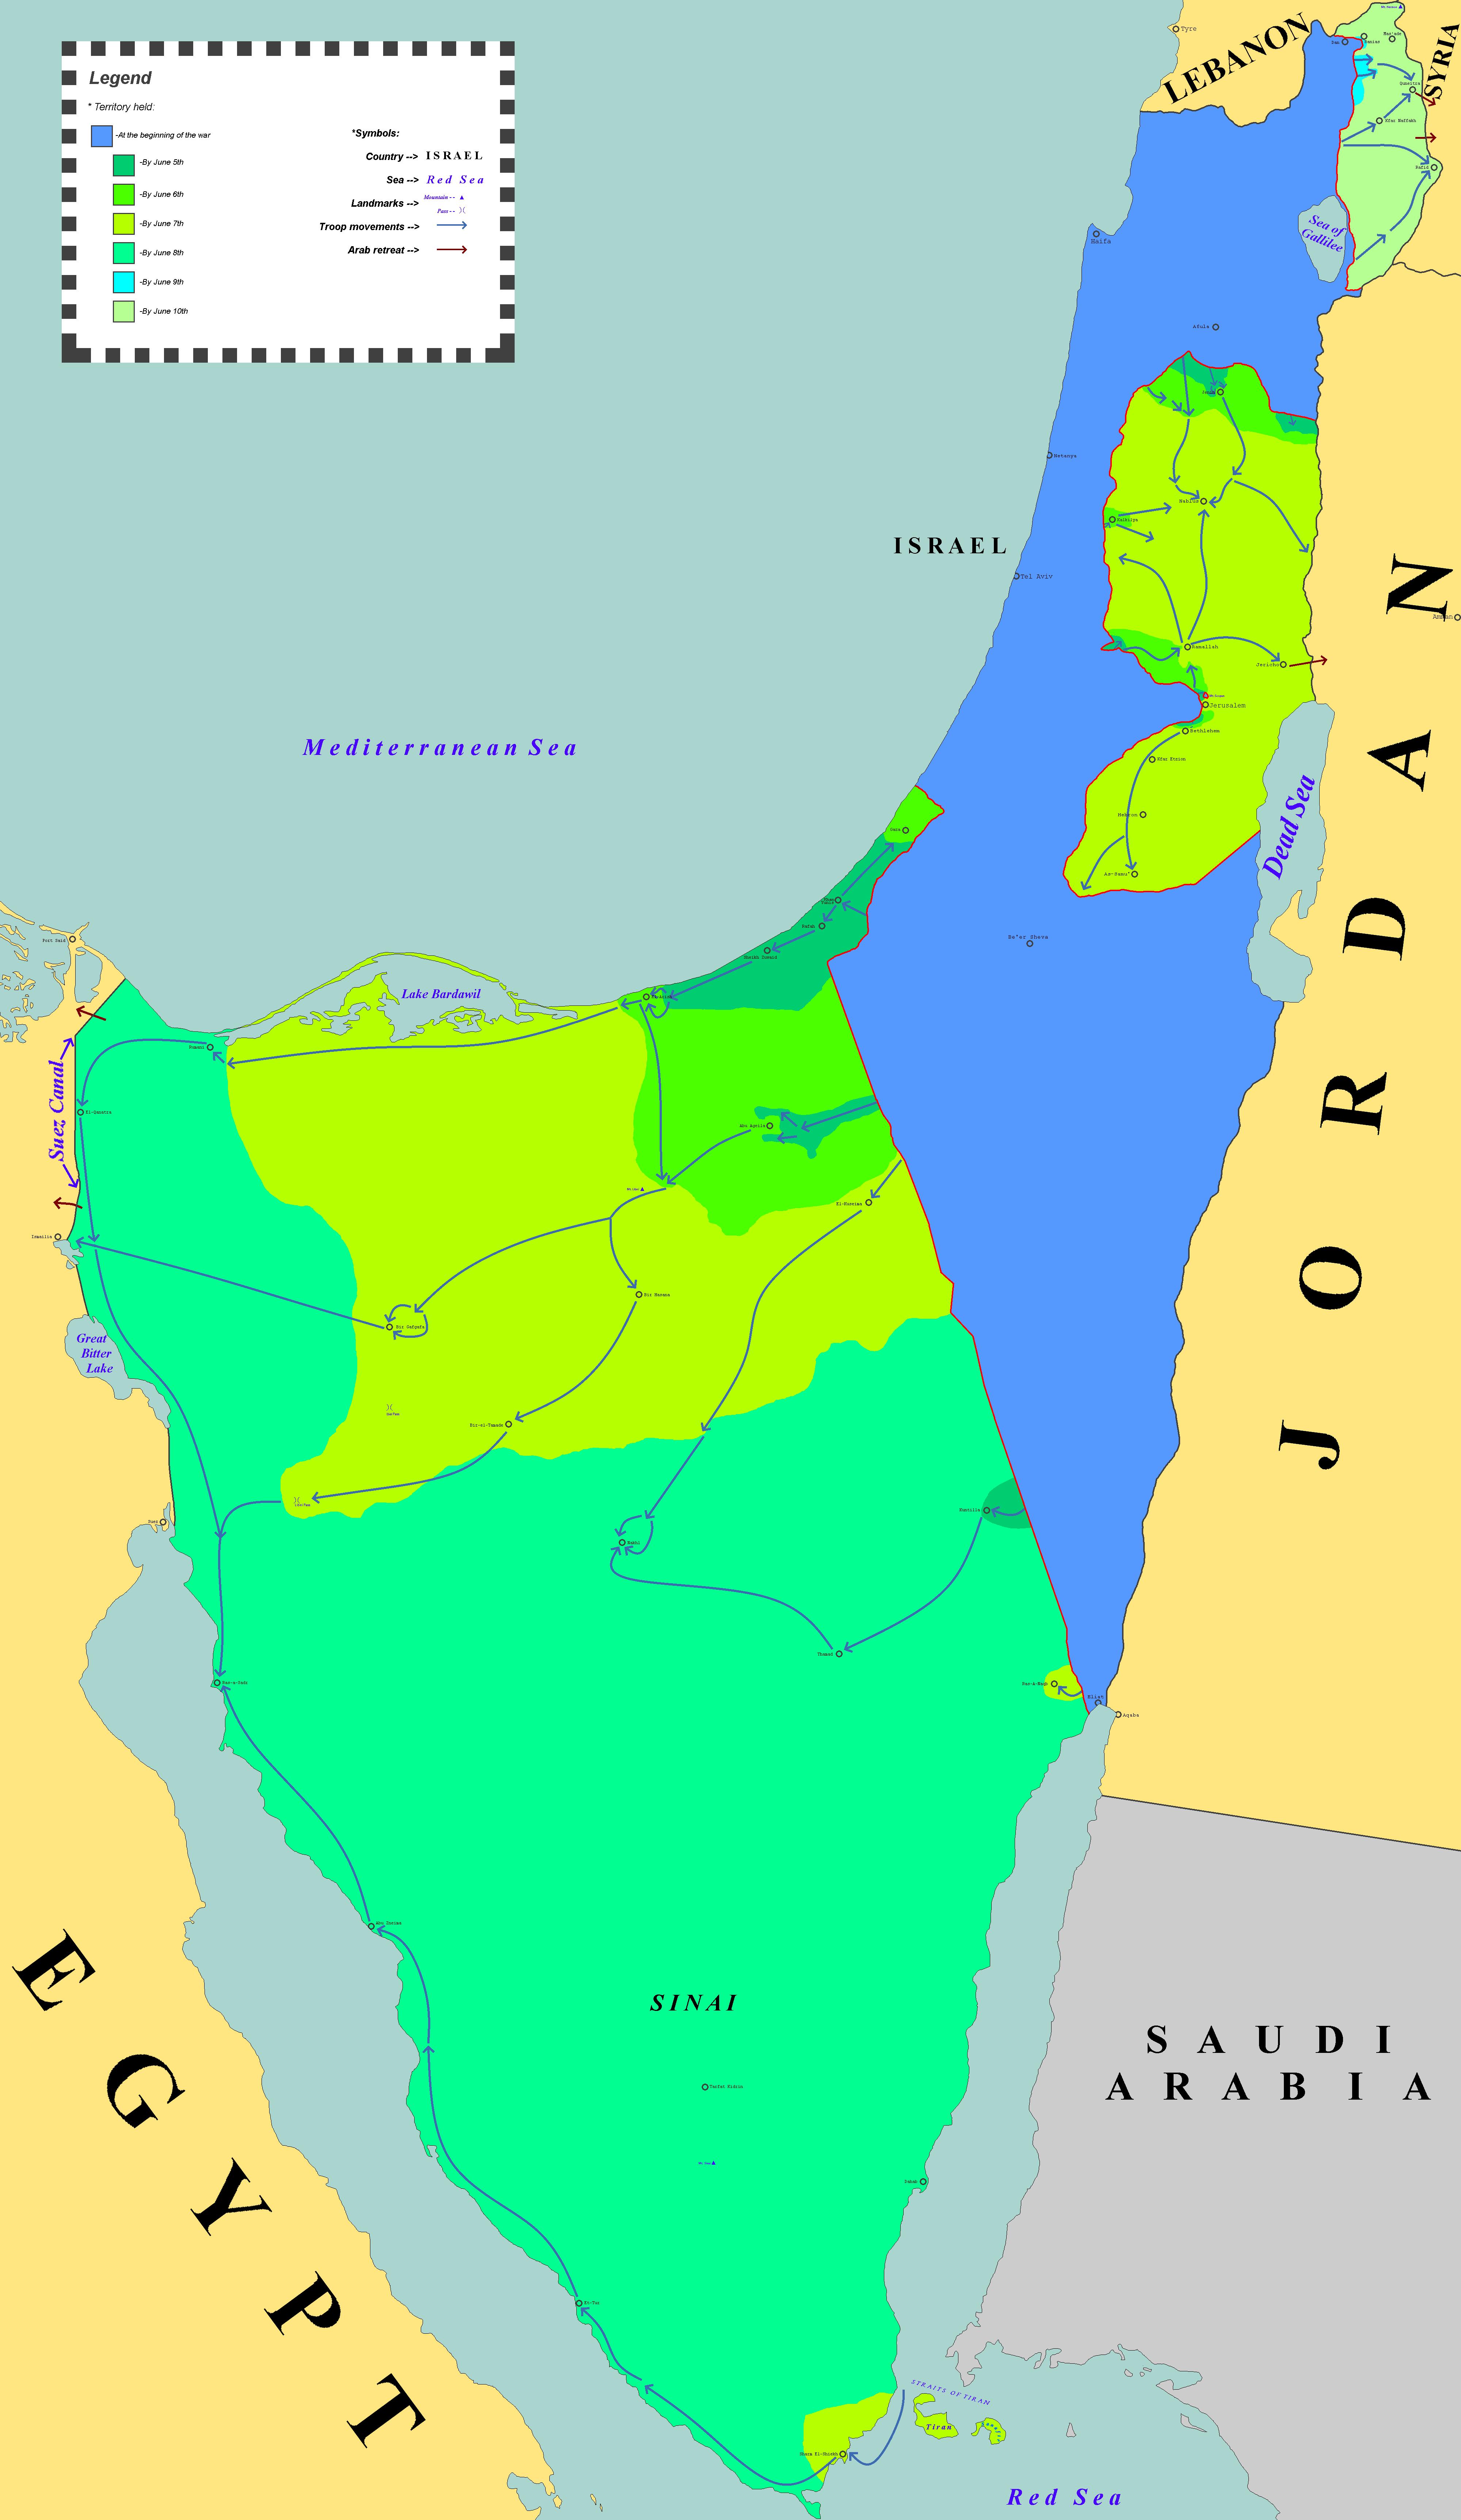 Mapa de la Guerra de los Seis Días (clic para ampliar)